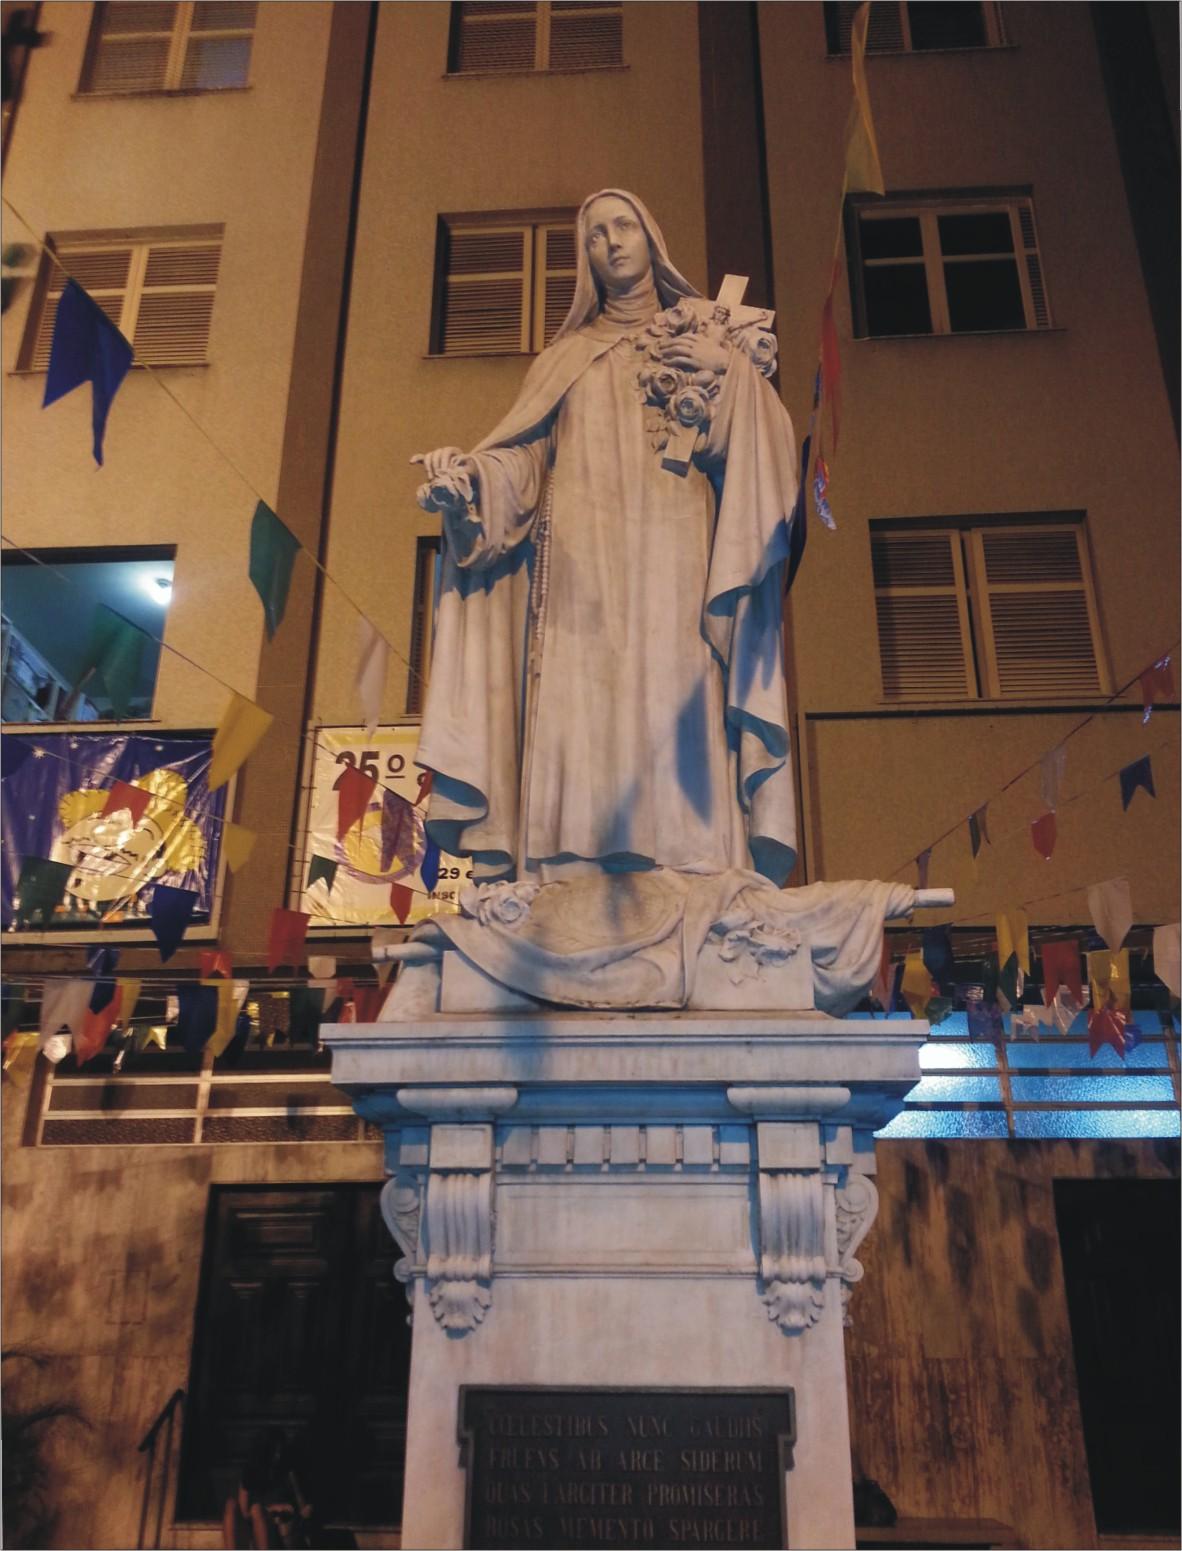 Almanaque raimundo floriano imagem de santa teresinha foto rjc fandeluxe Gallery